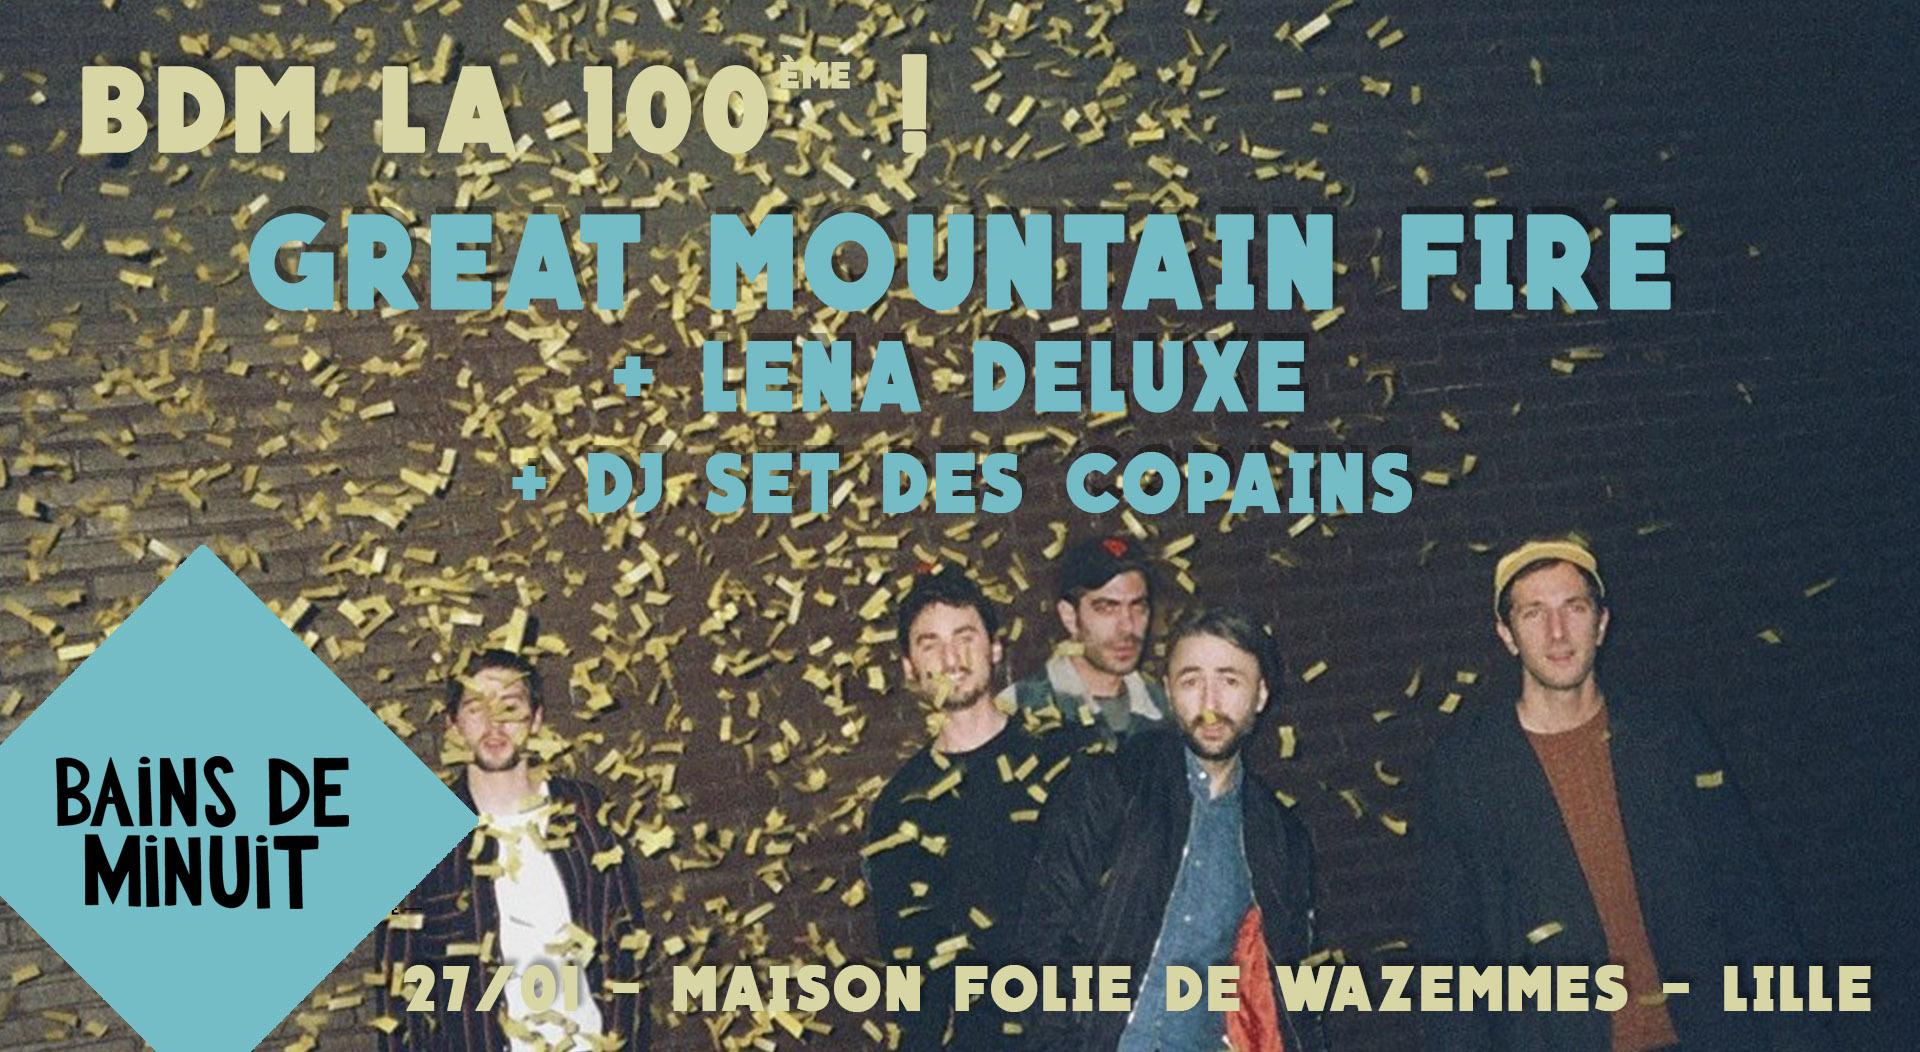 27/01 – BDM La 100ème ! Great Mountain Fire (be) + Lena Deluxe (fr) + Dj set des copains / La Maison Folie de Wazemmes, Lille